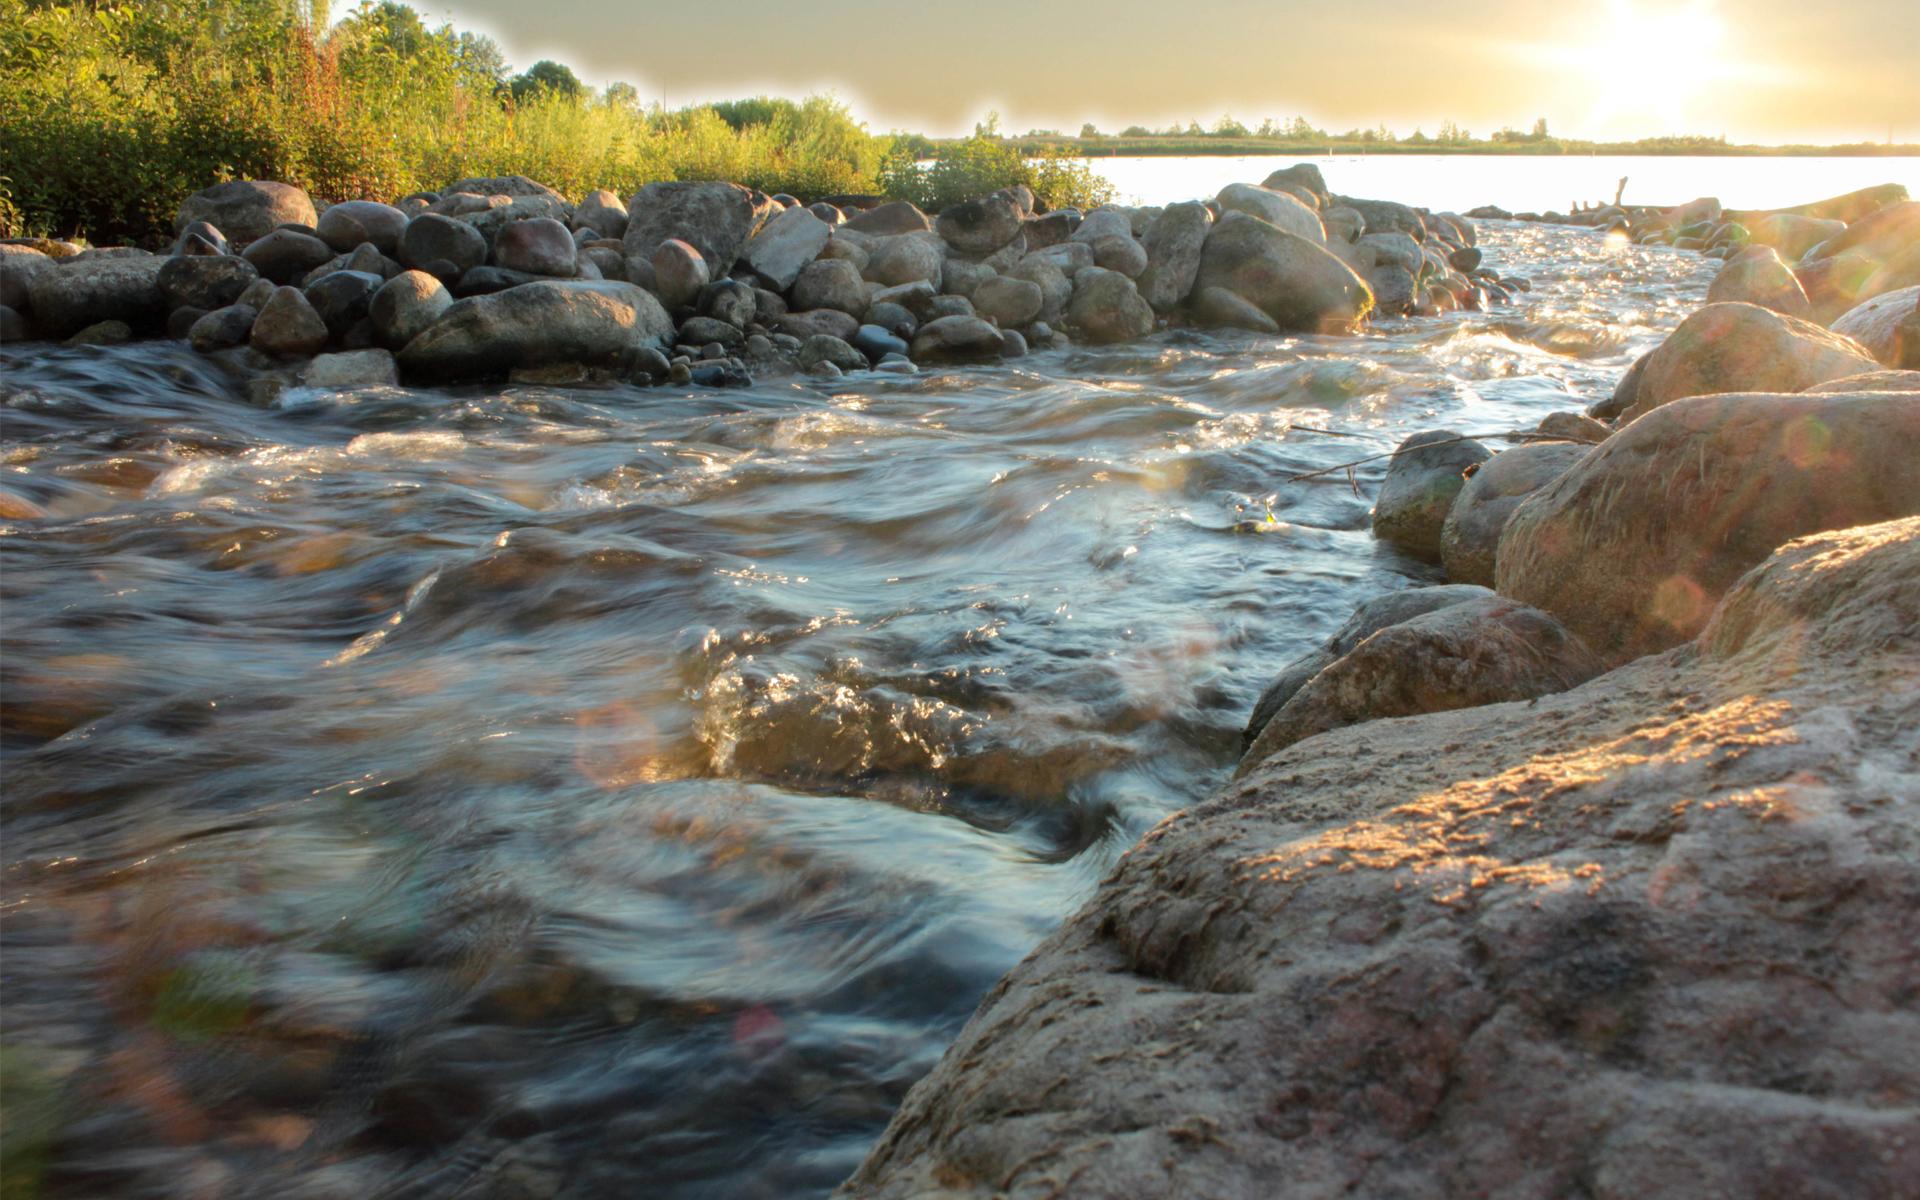 растения ручей реки моря картинки остров туристы